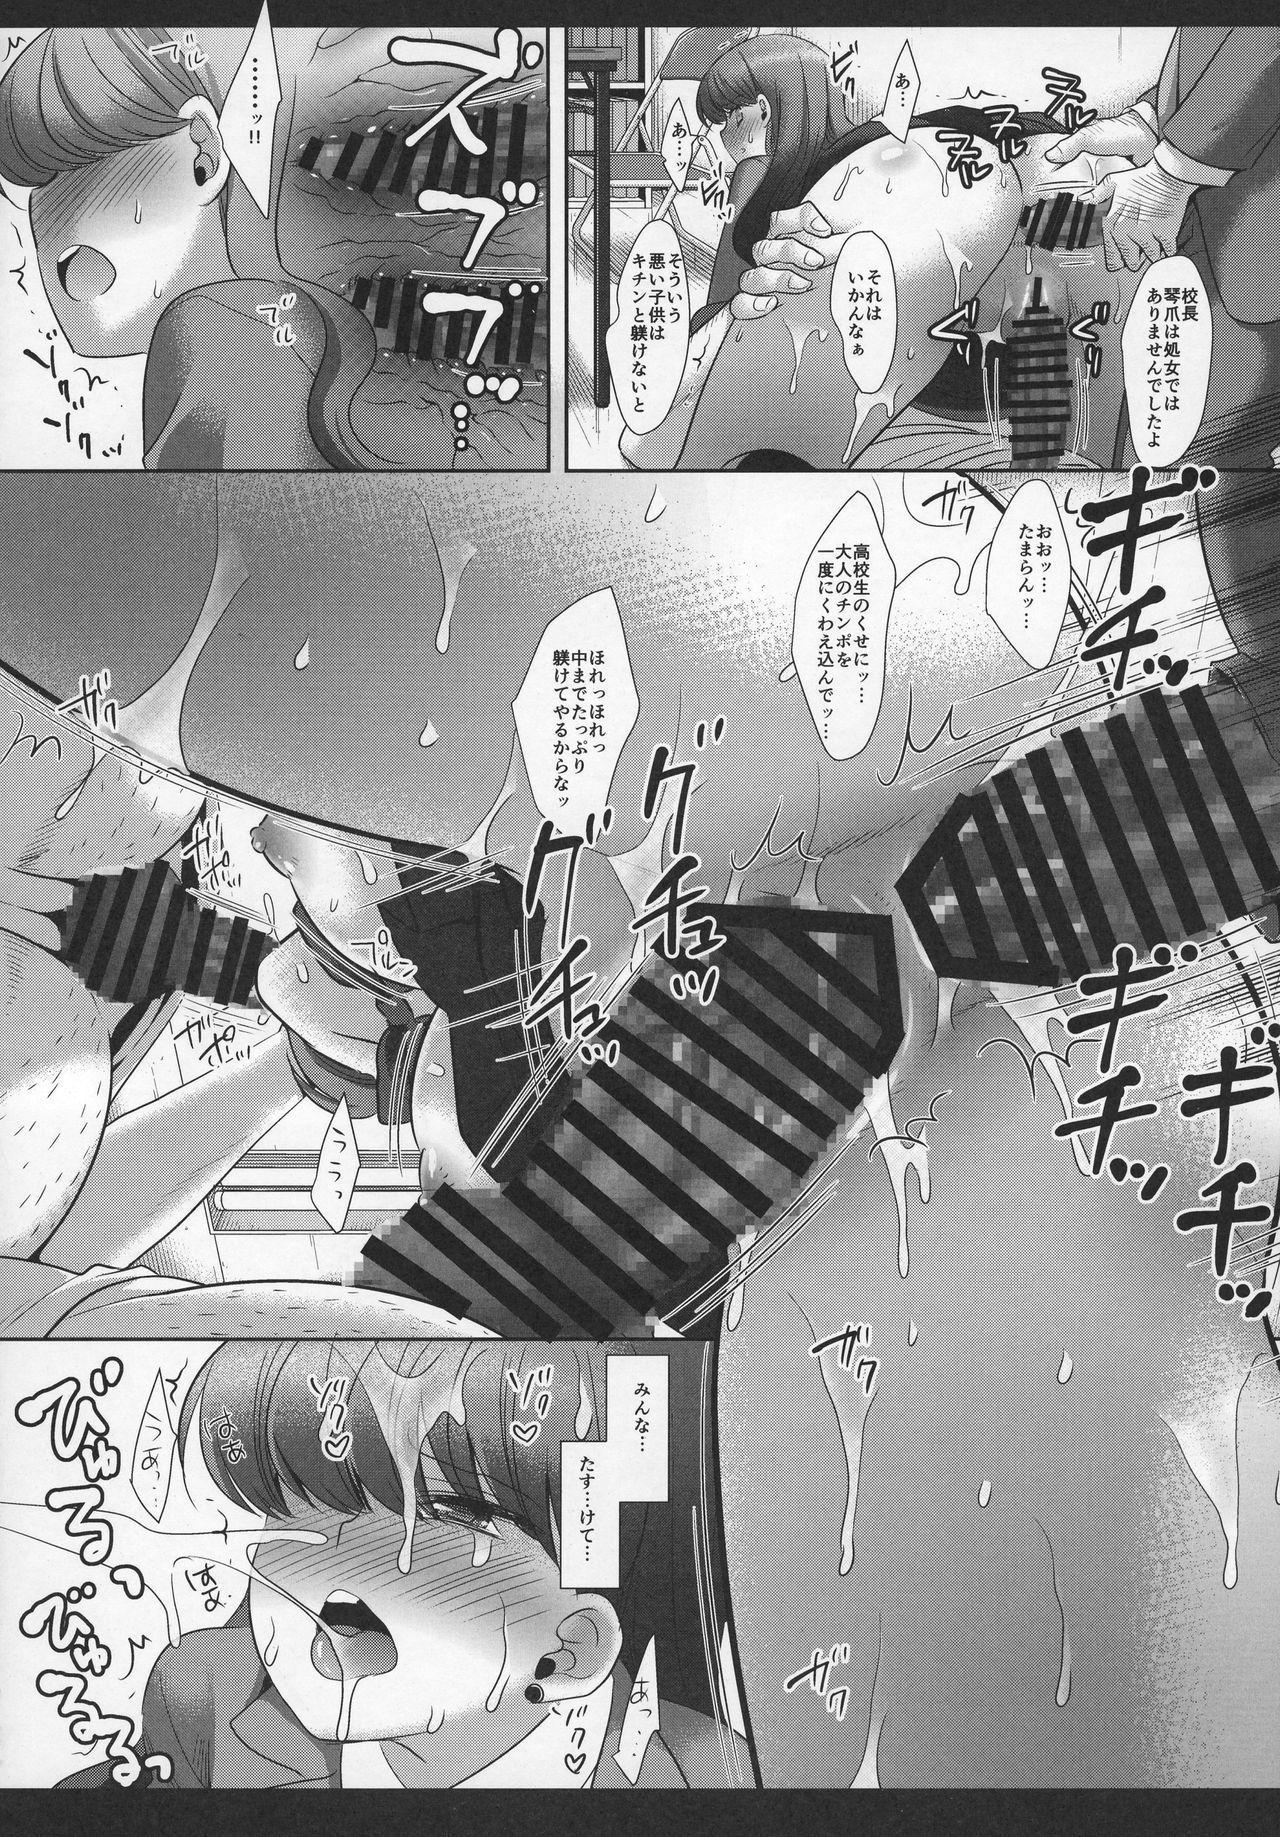 PreCure Ryoujoku 7 Makaron no Gokujou Kirakiral 17